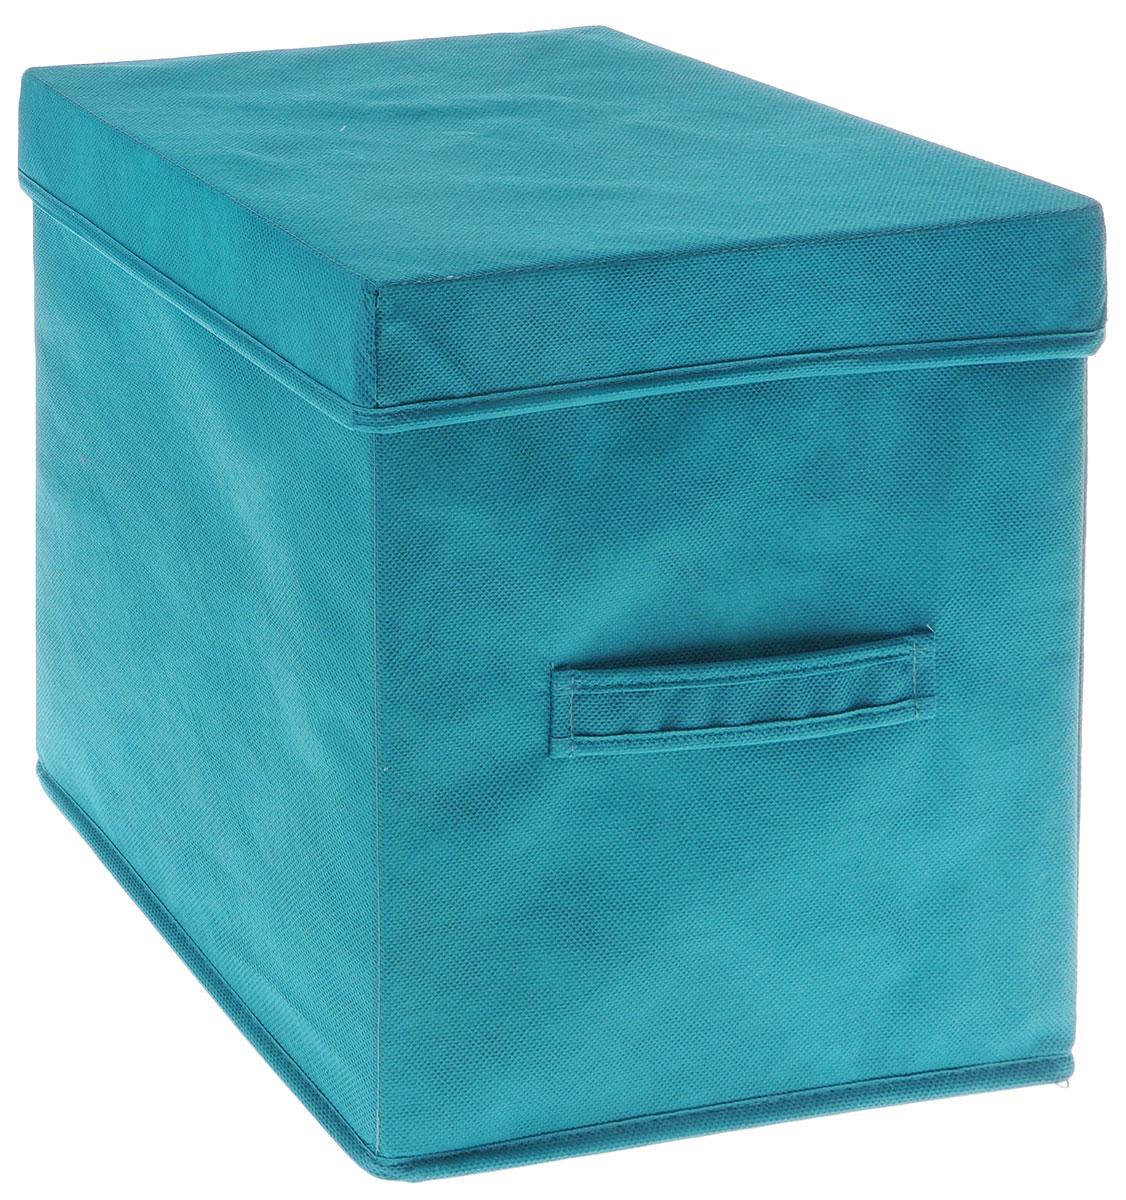 Коробка для вещей и игрушек Все на местах